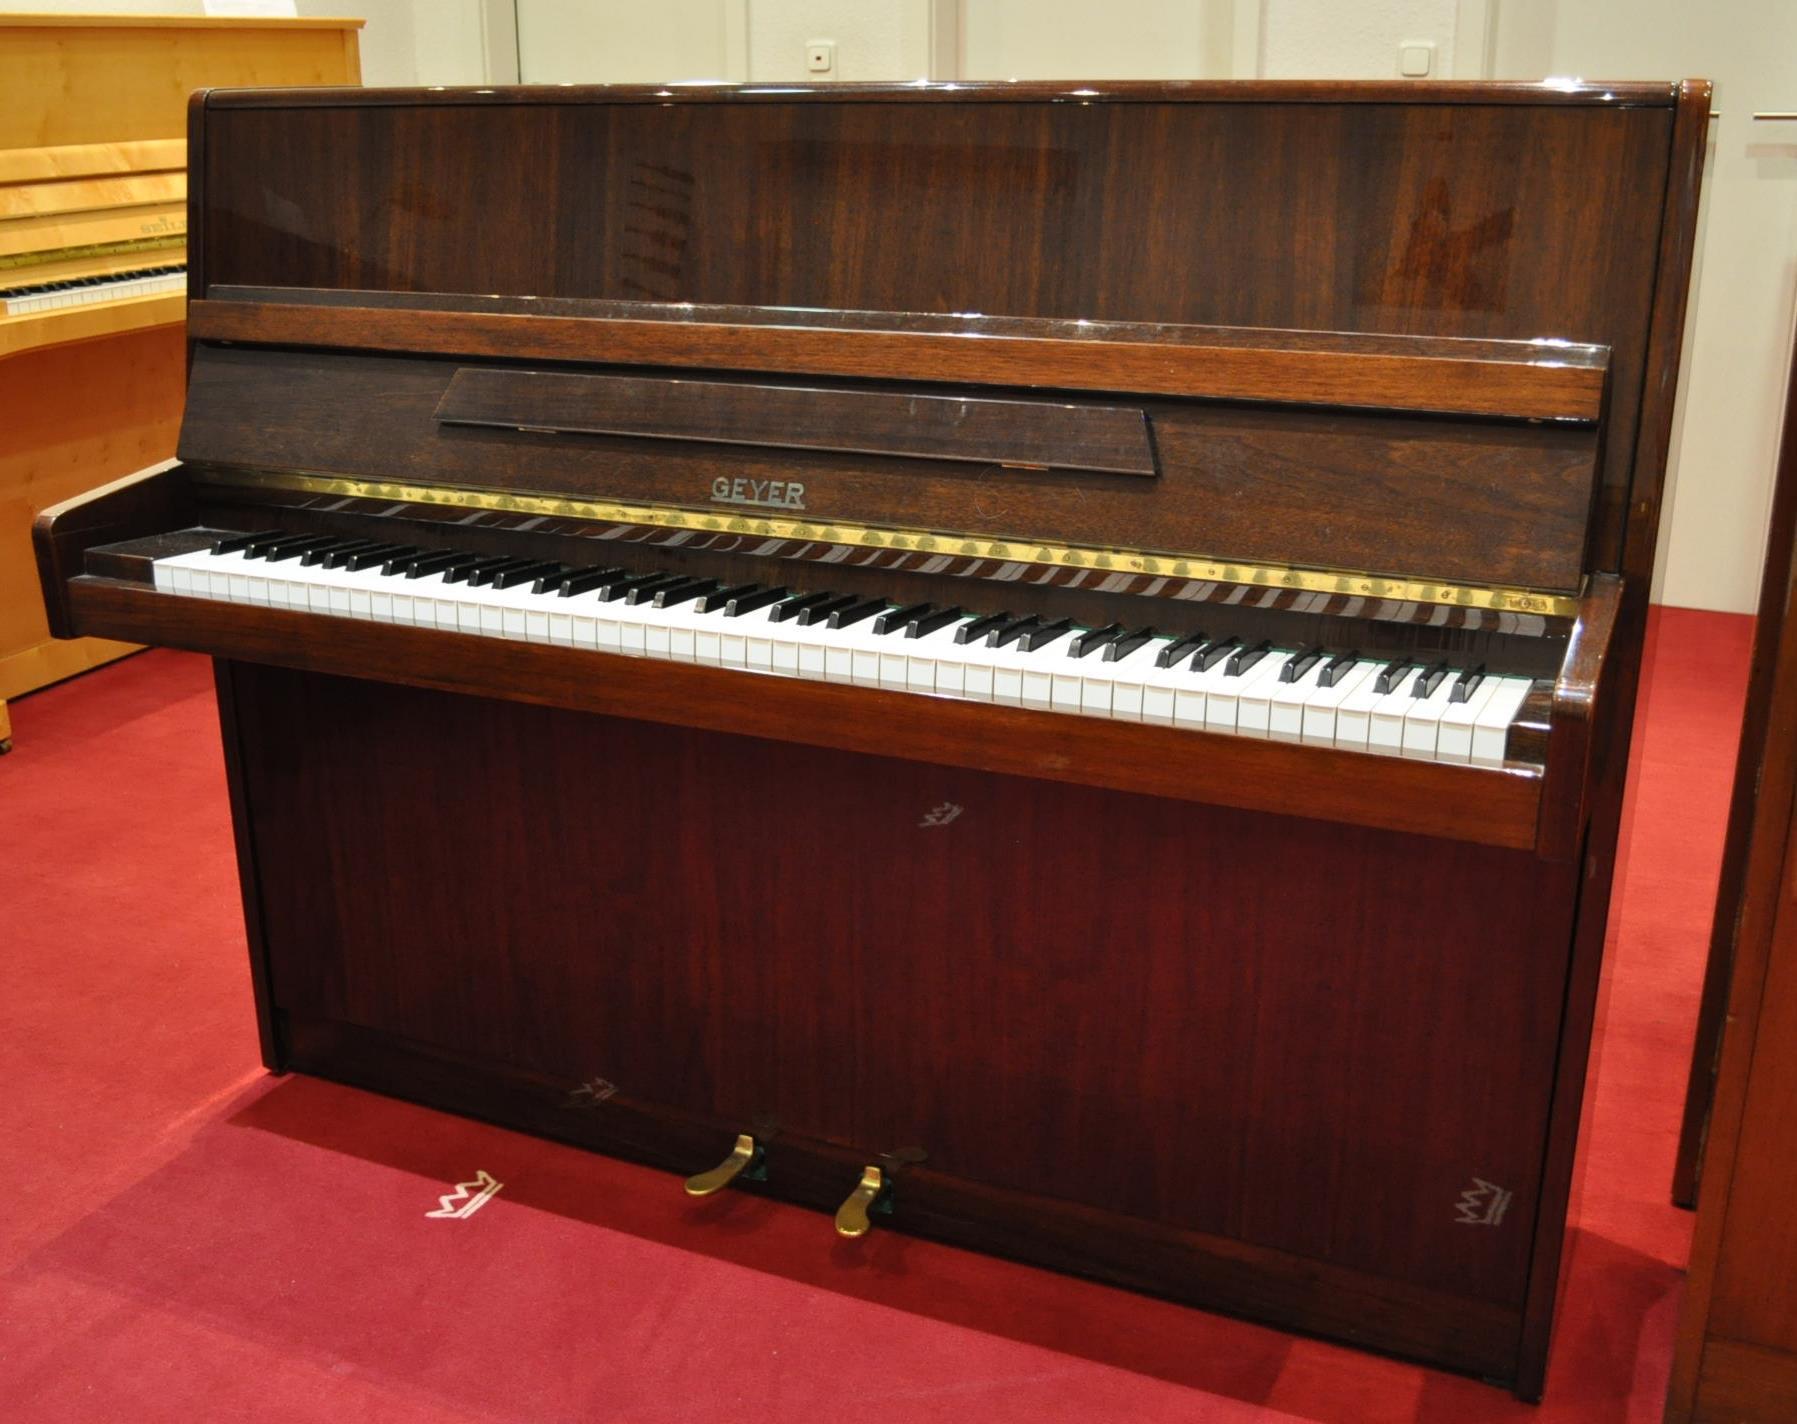 GEYER-Klavier<br/>Gebraucht<br/>Nussbaum poliert<br/>€ 2 890,-.